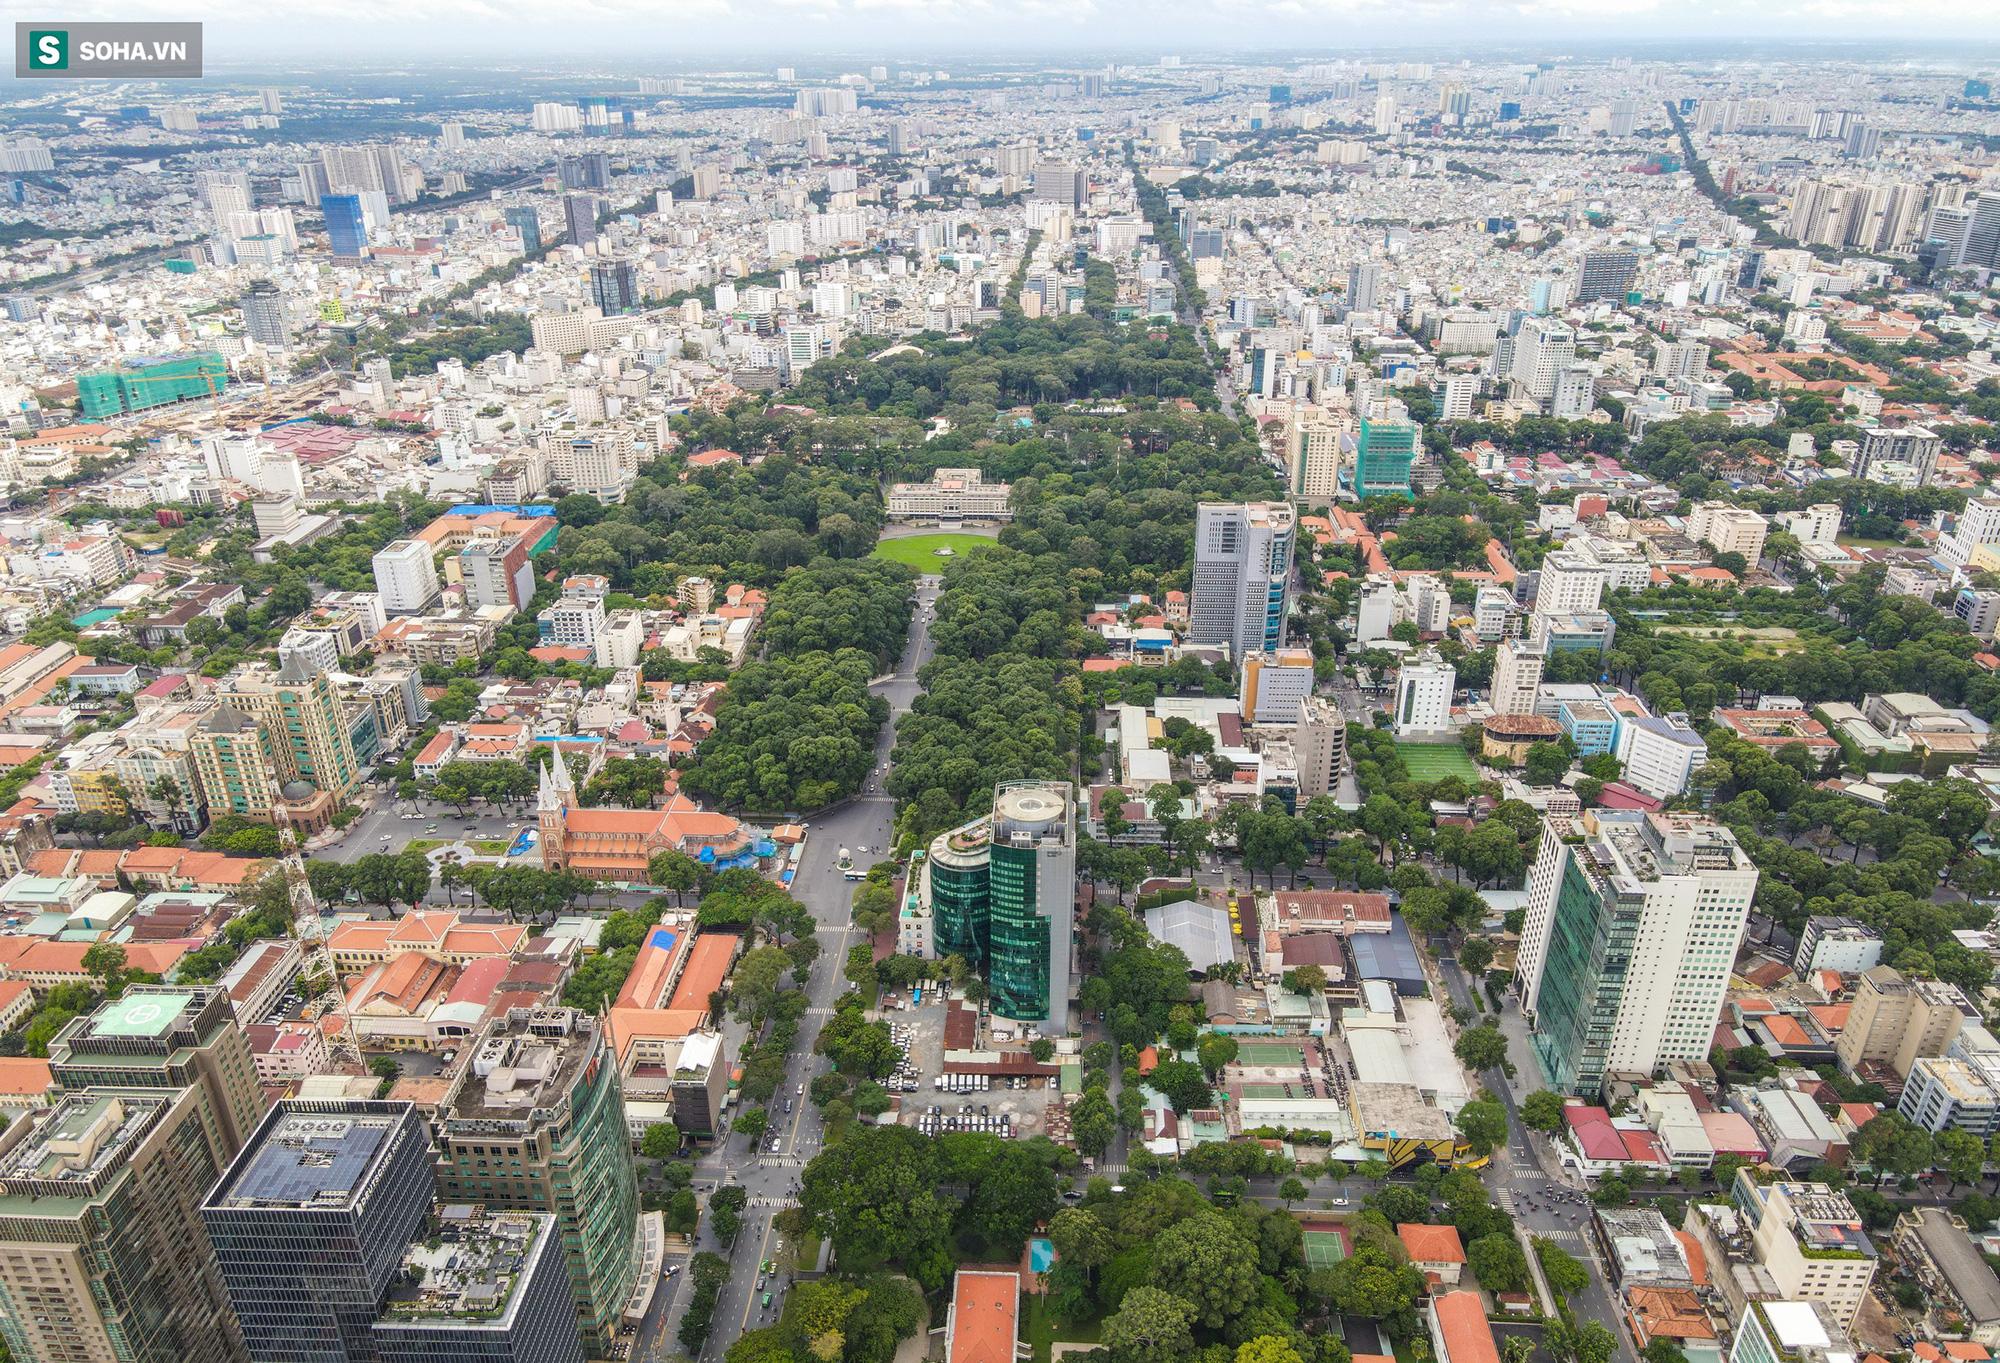 Bên trong lô đất nghìn tỷ ông Nguyễn Thành Tài giao cho nữ chủ tịch Lavenue vì quan hệ tình cảm - Ảnh 11.